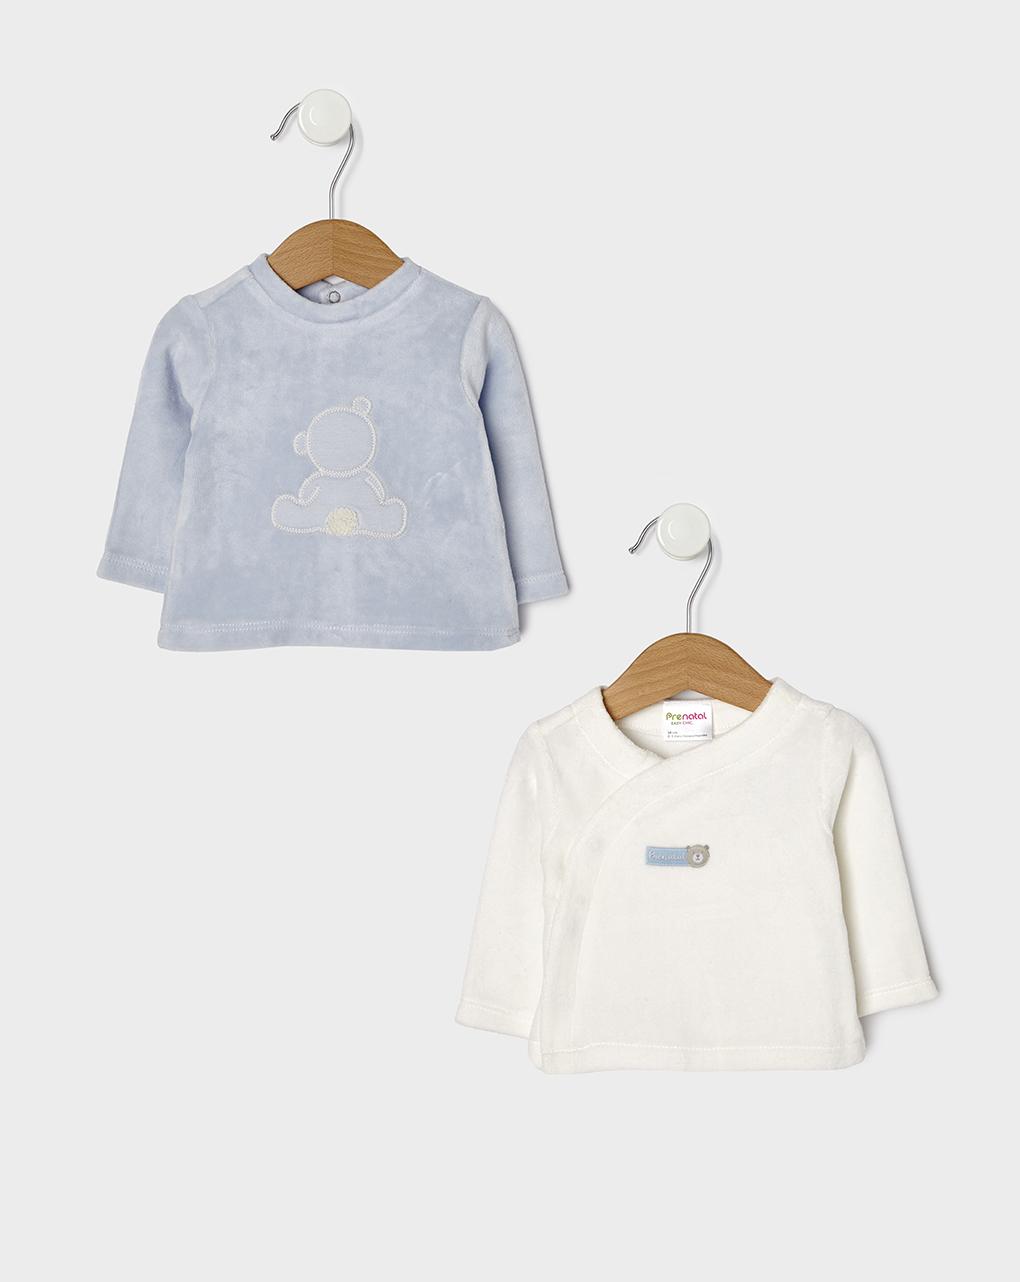 Μπλουζάκια Σενίλ x2 τεμ. για Αγόρι